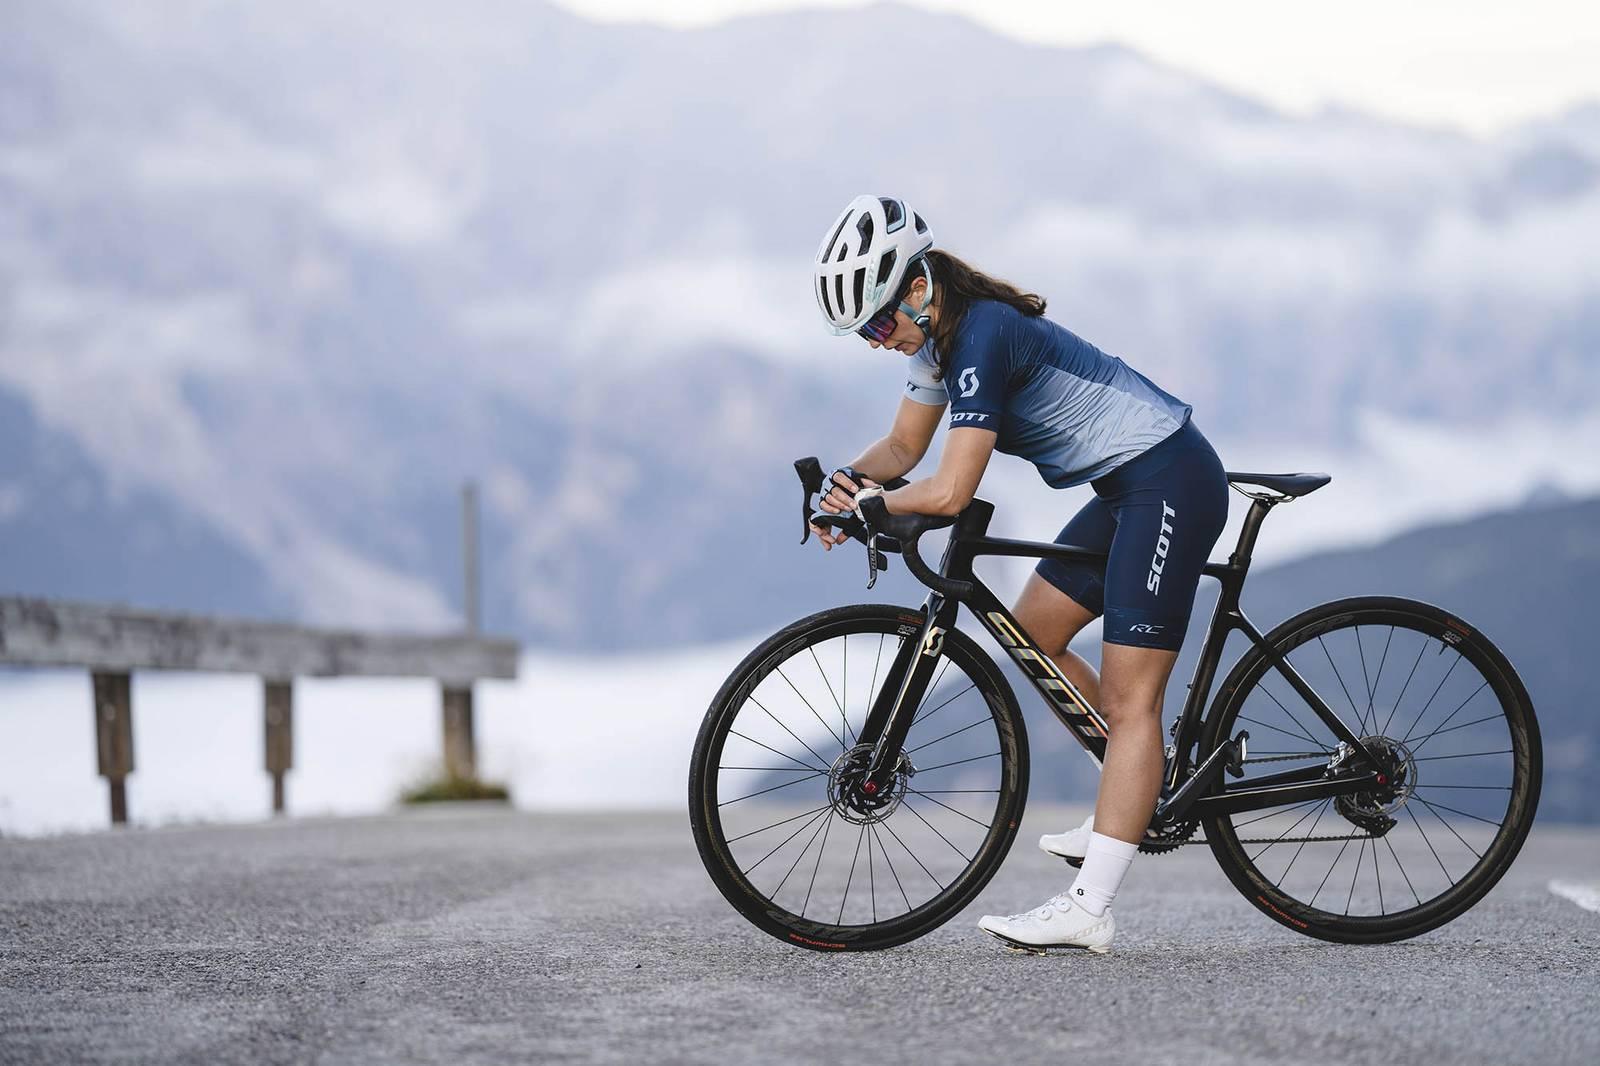 zielsetzung beim Rennradfahren